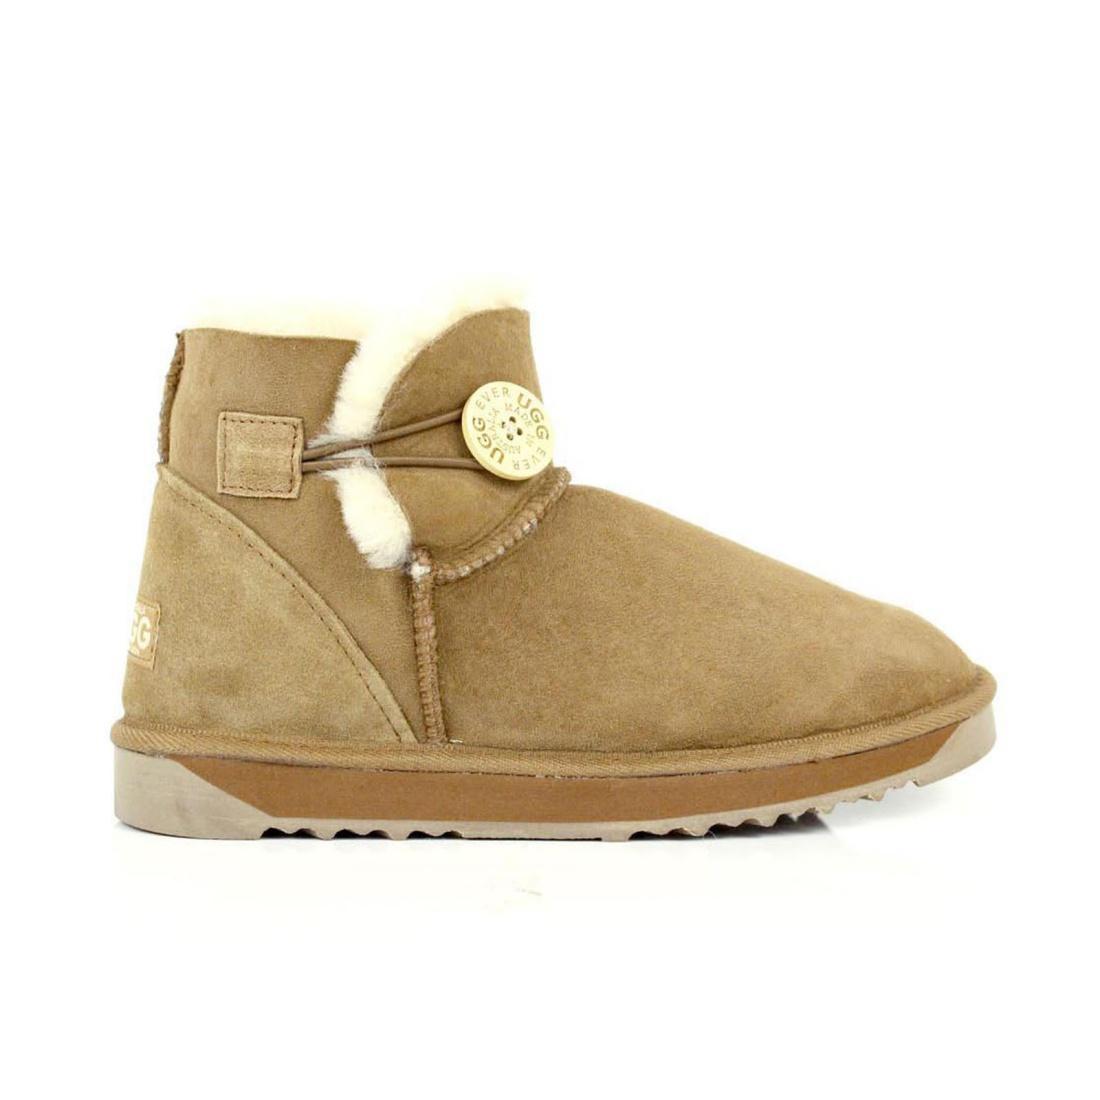 UGG Button Ankle Boots Mini - Chestnut - AU Women 5 / Men 3